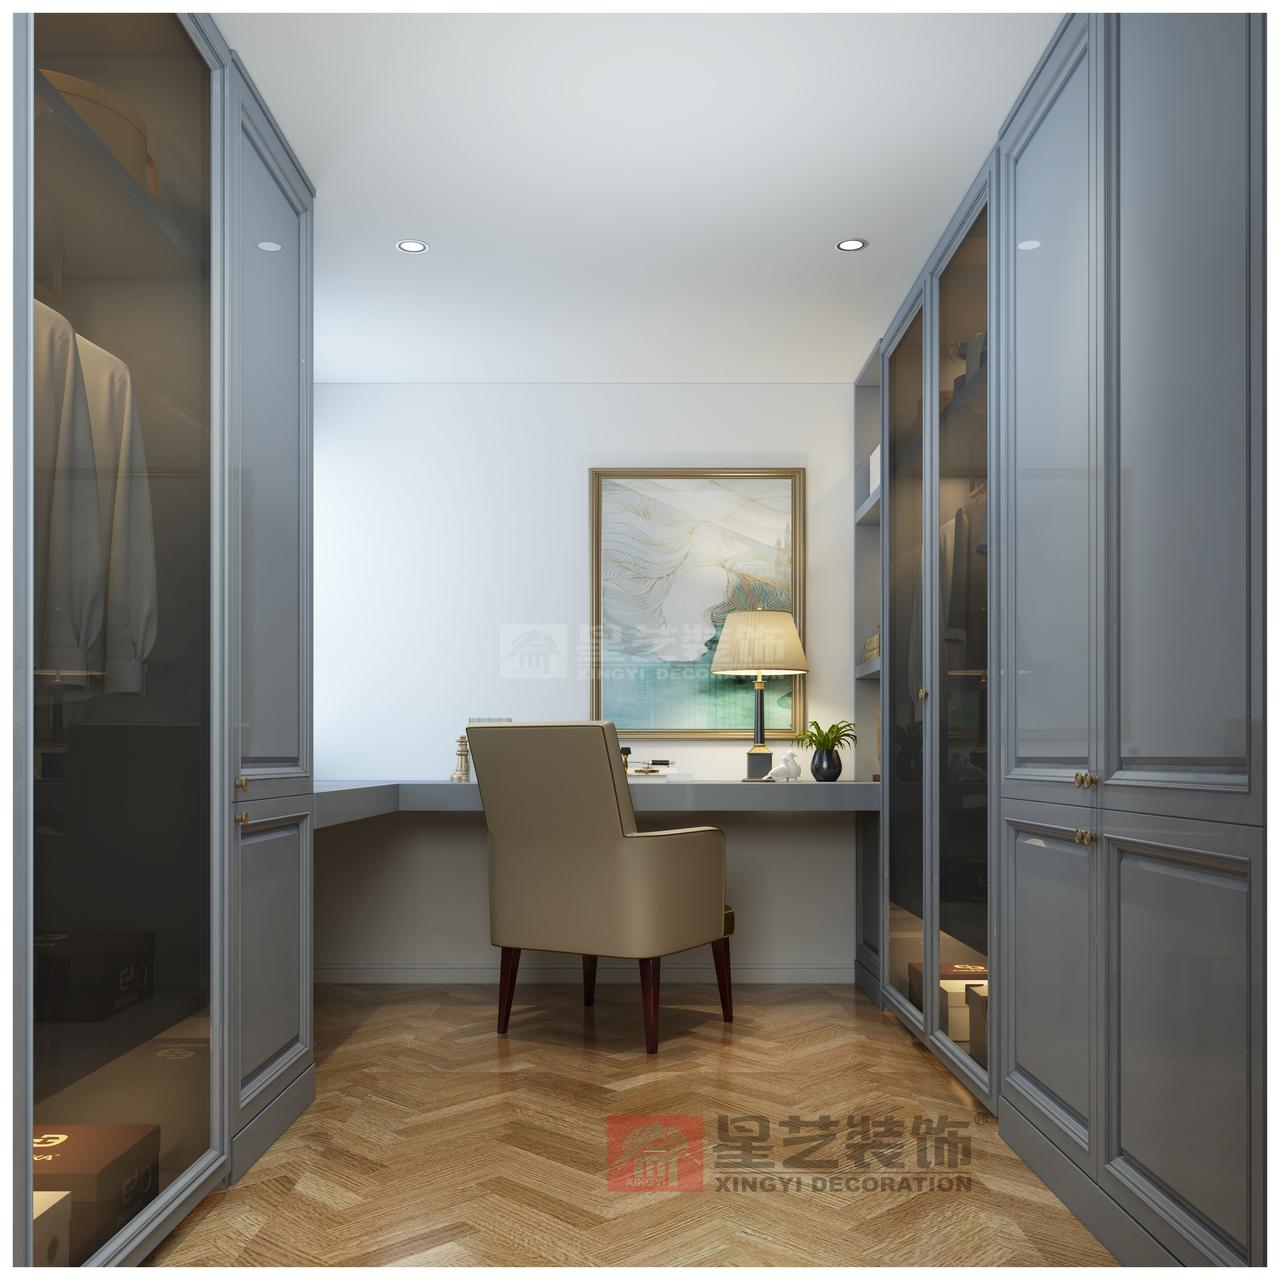 此项目以优雅美式风格定位,以自然主义的格调为主,最为突出的特征是化繁为简。古典气息,舒适,优雅。